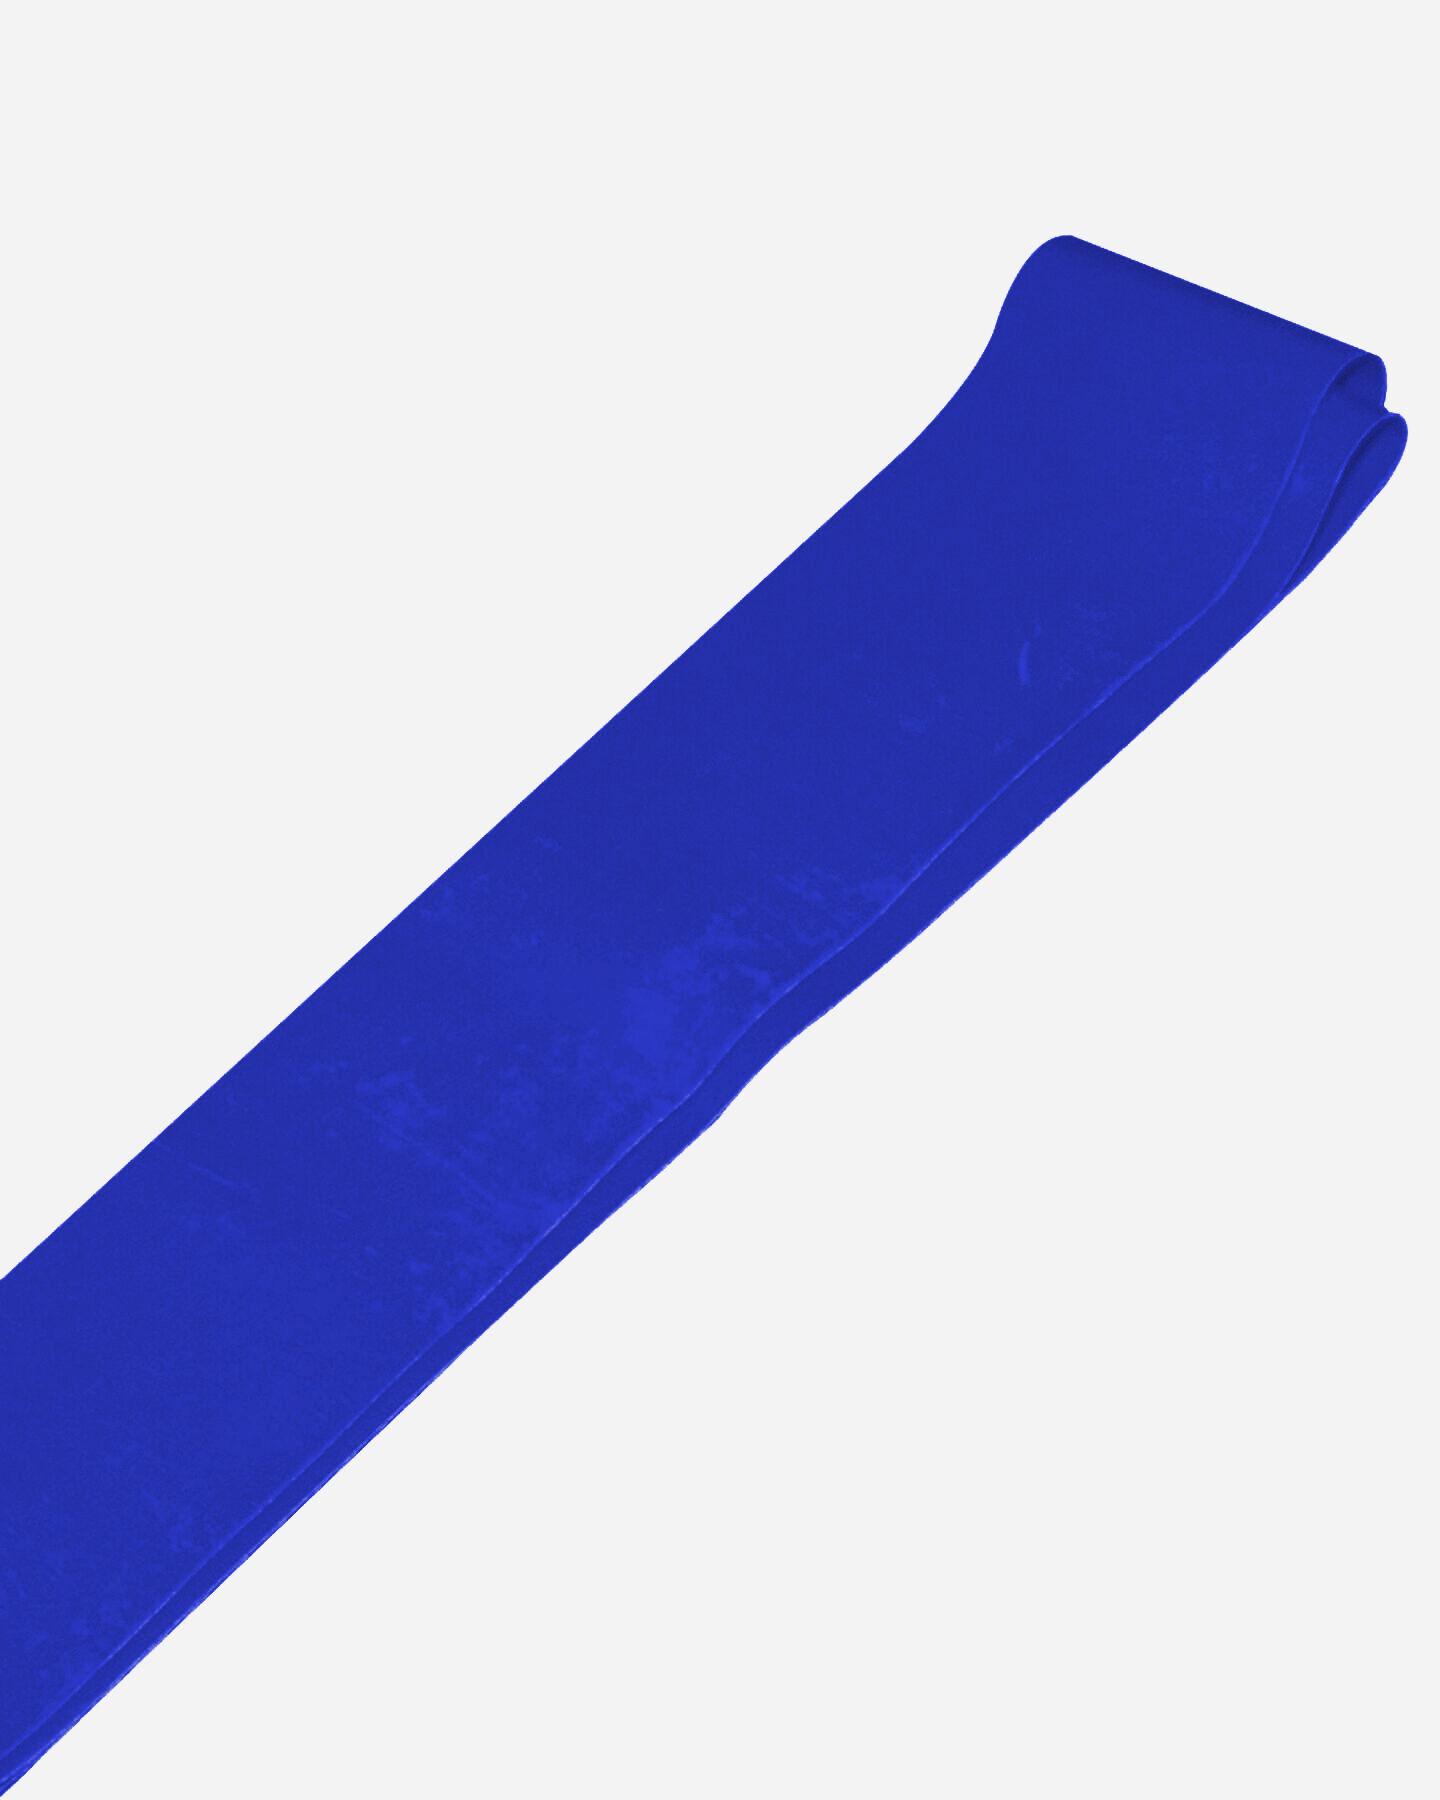 Banda elastica CARNIELLI BANDA ELASTICA ANELLO S5200099|7690c|UNI scatto 1